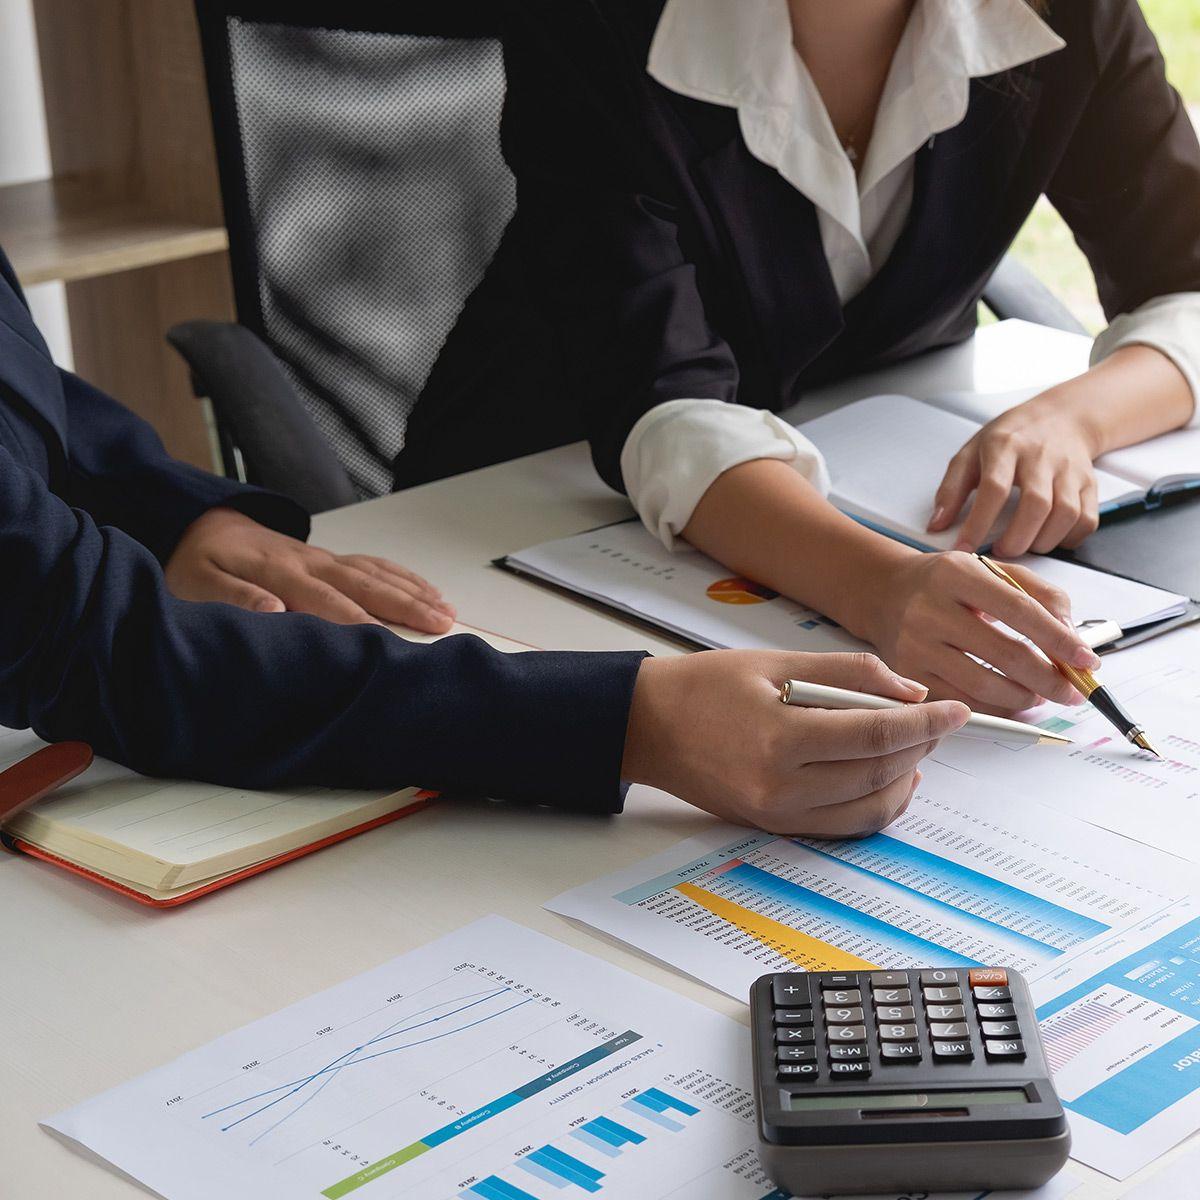 Administrando prioridades - Focando naquilo que agrega valor.  - PUC Minas